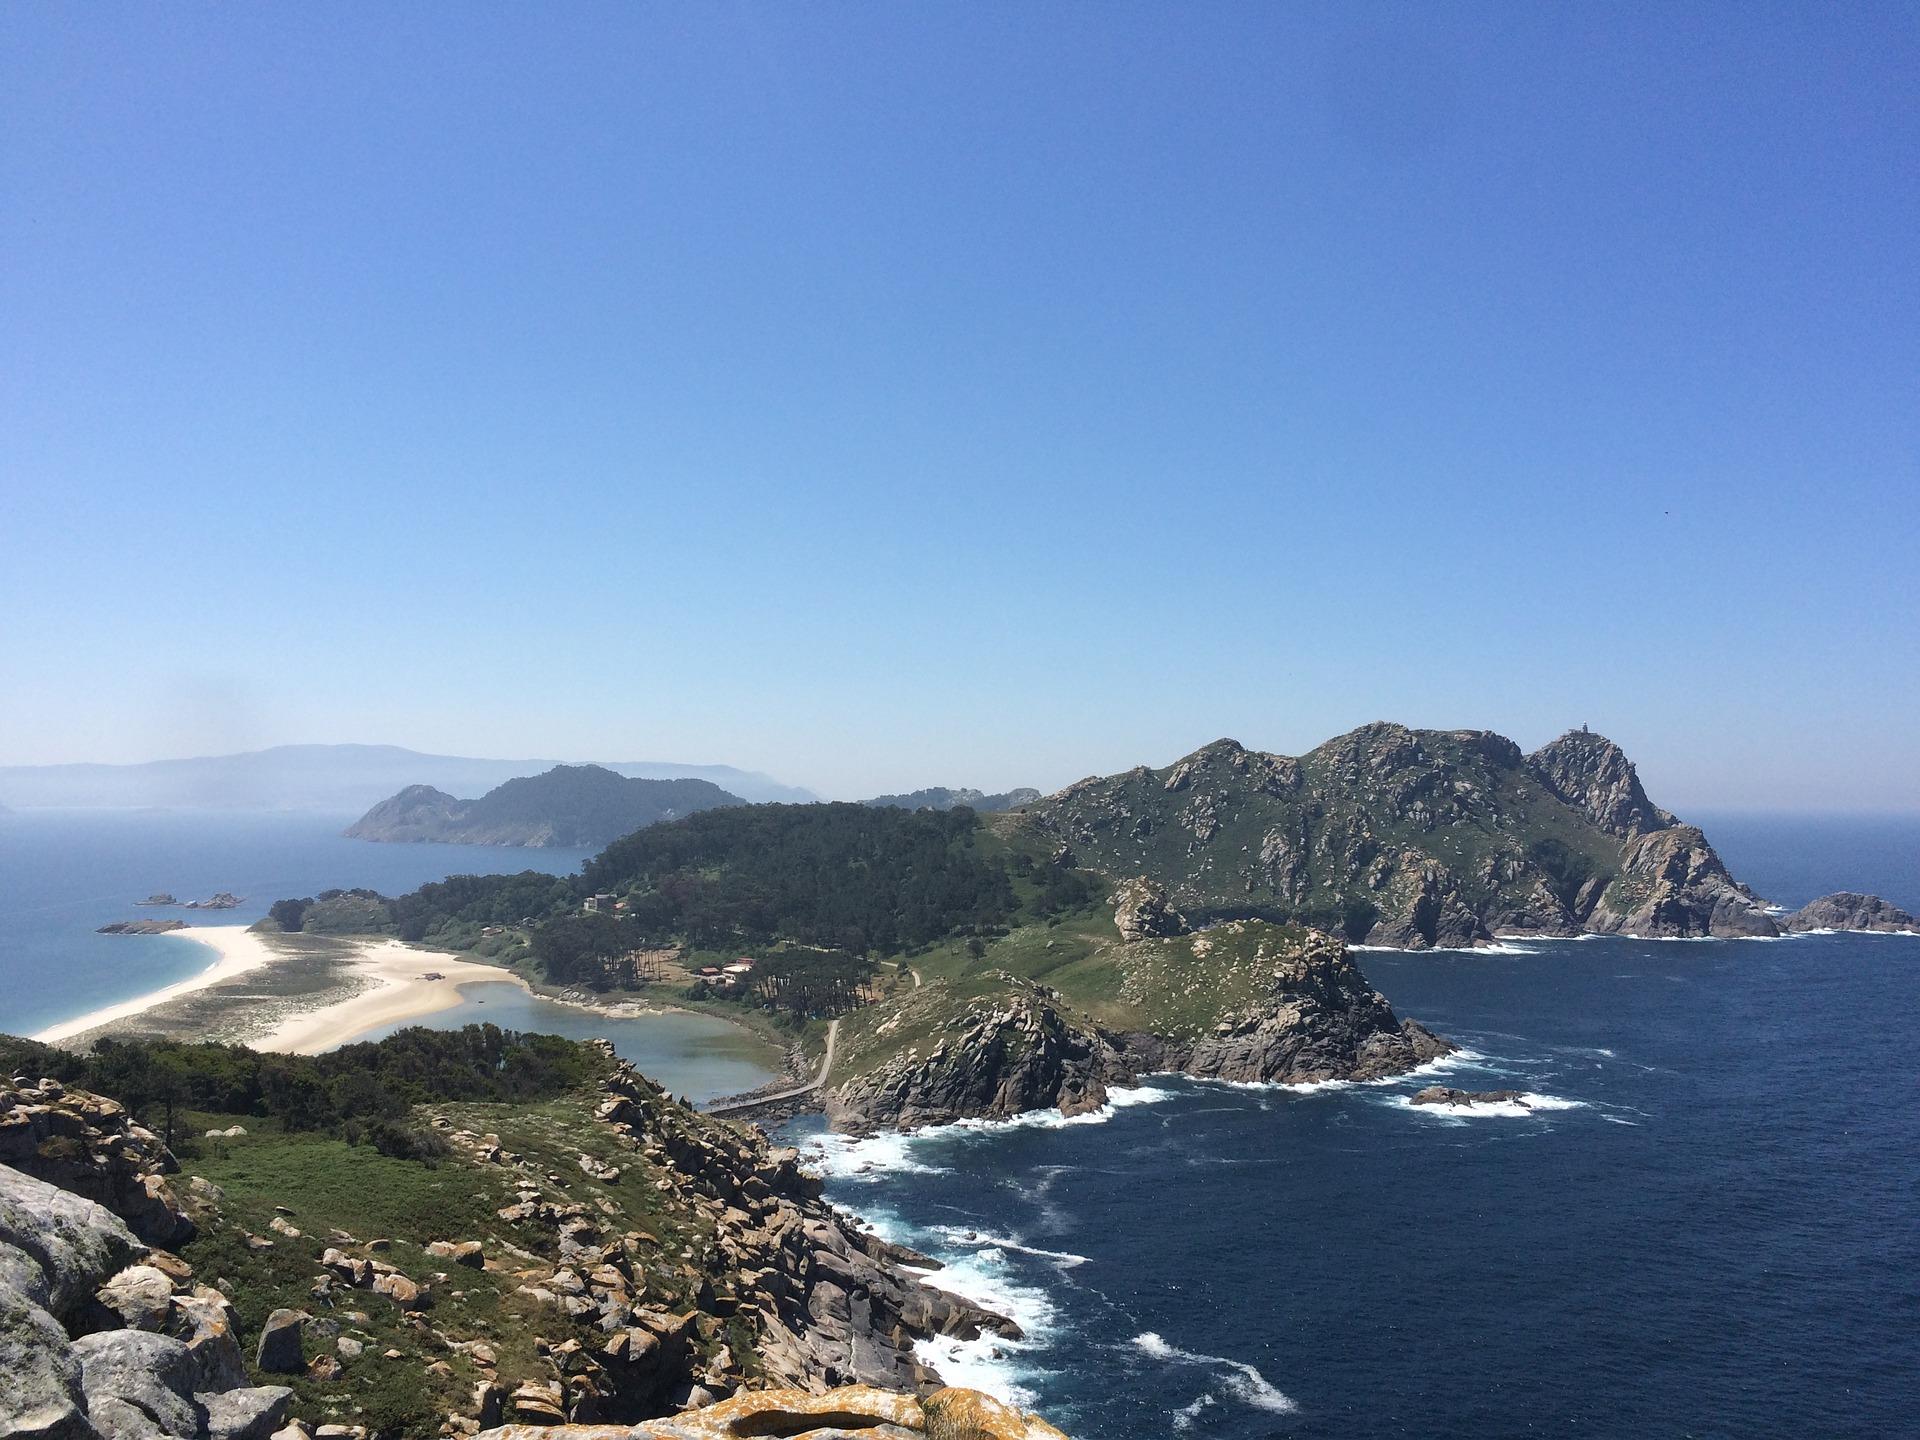 Vacaciones con aceitunas Fragata. Islas Cíes